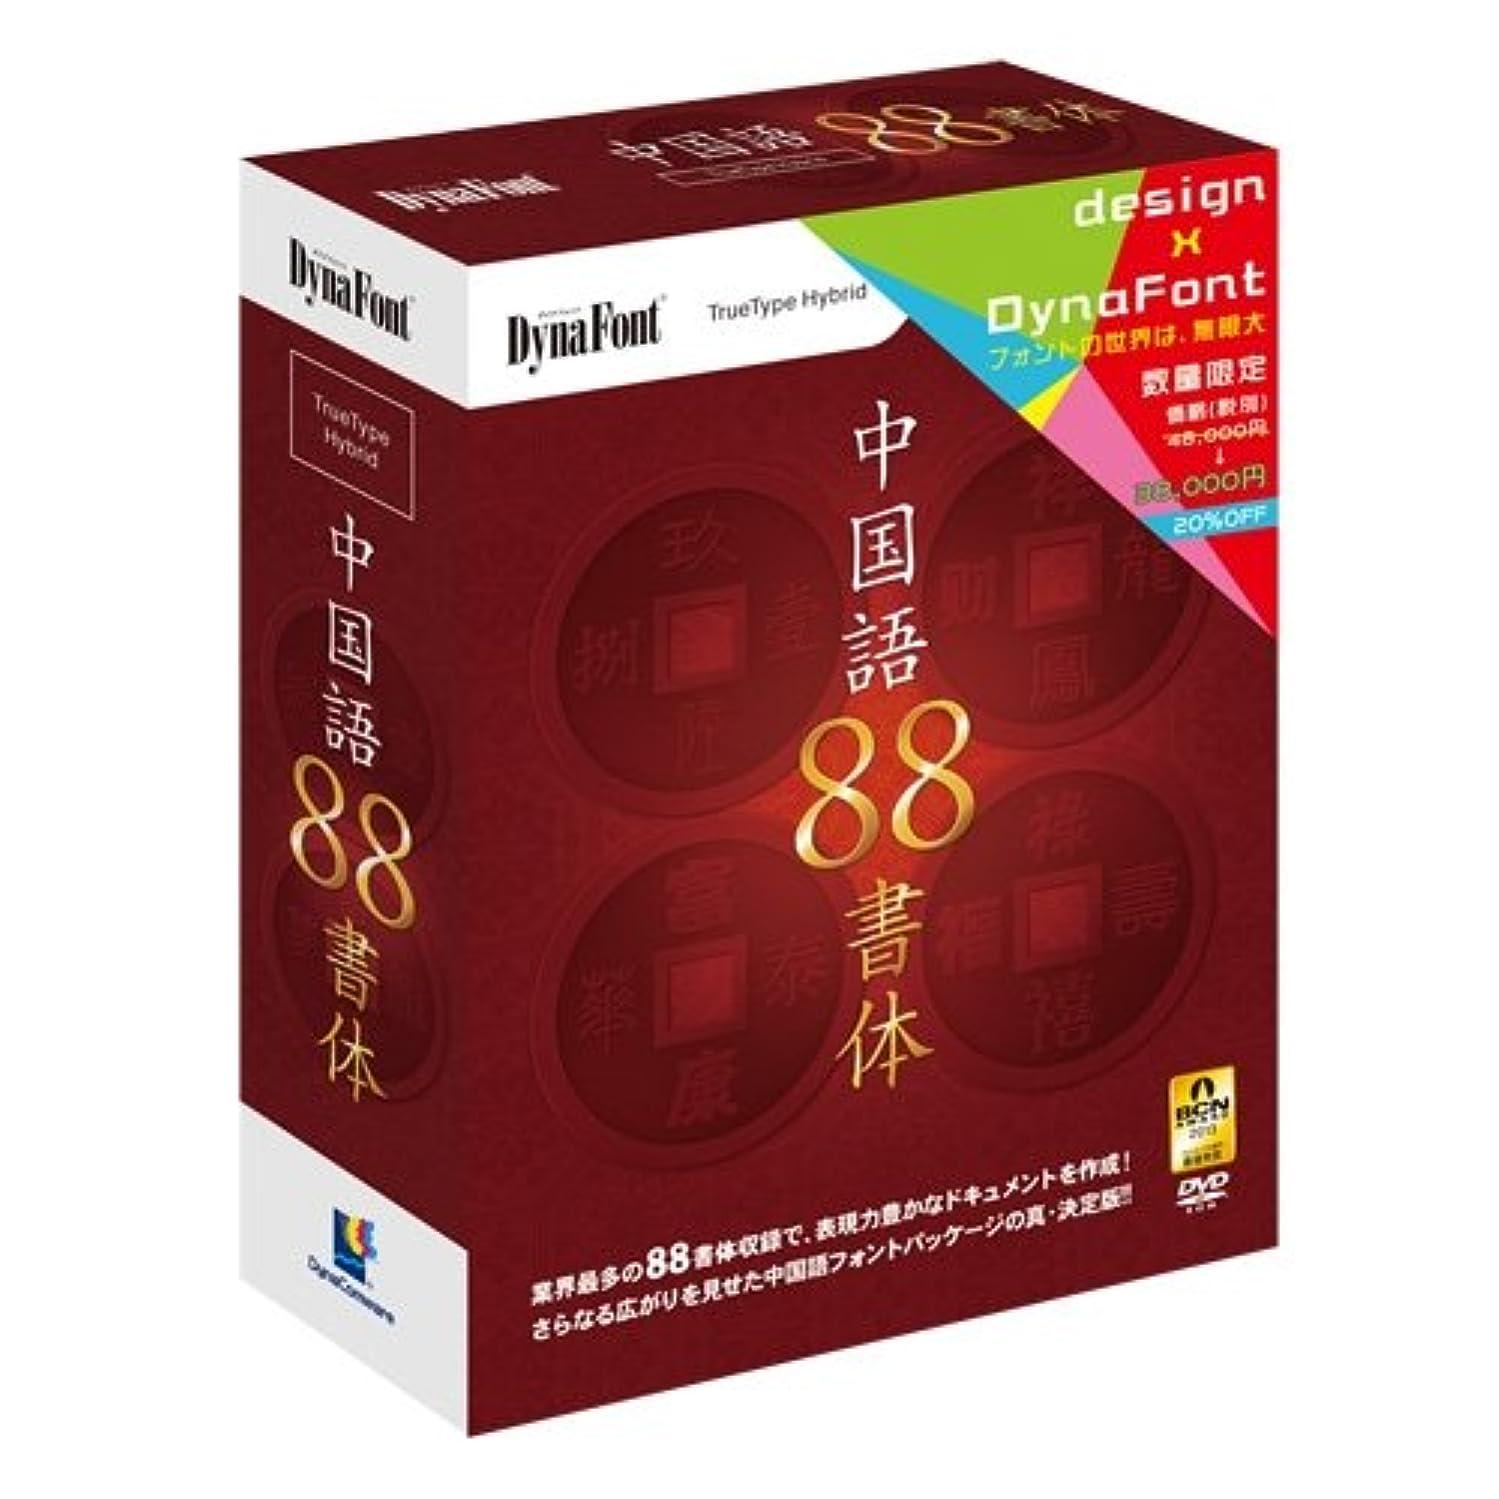 全能収穫消去DynaFont 中国語88書体 TrueType Hybrid 20周年感謝版